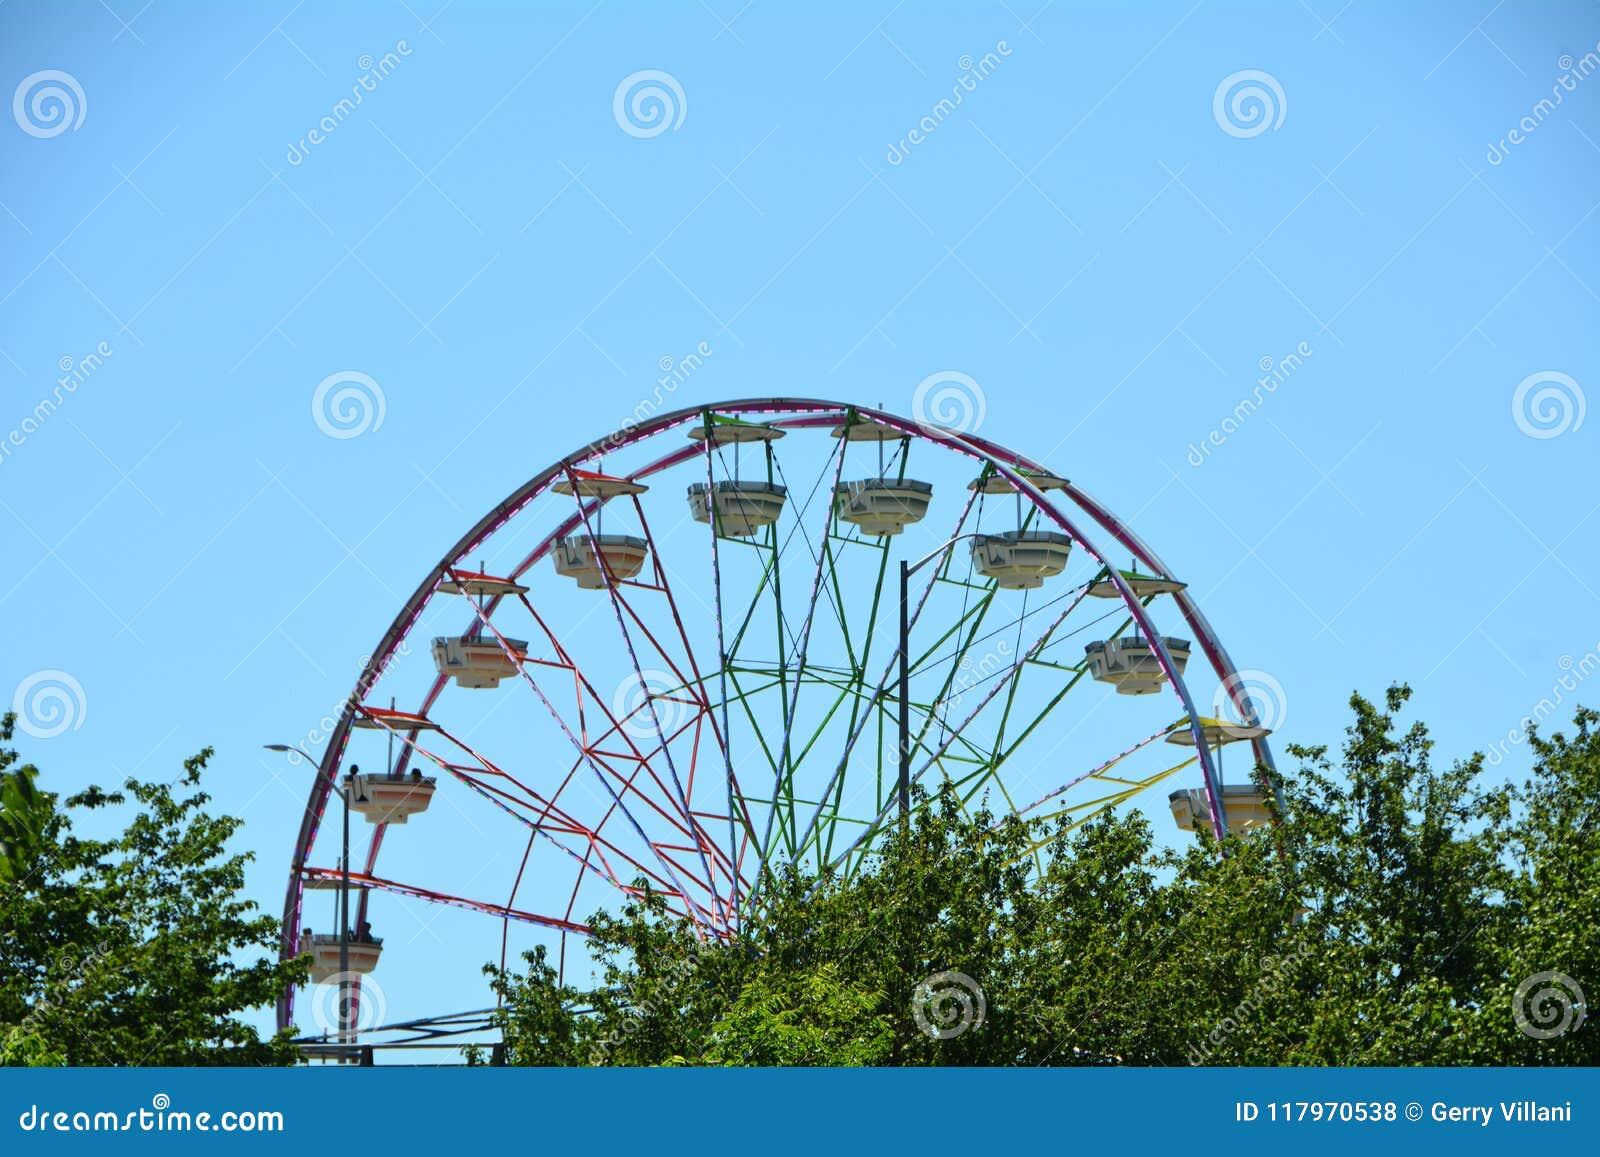 Ferris Wheel in Portland, Oregon